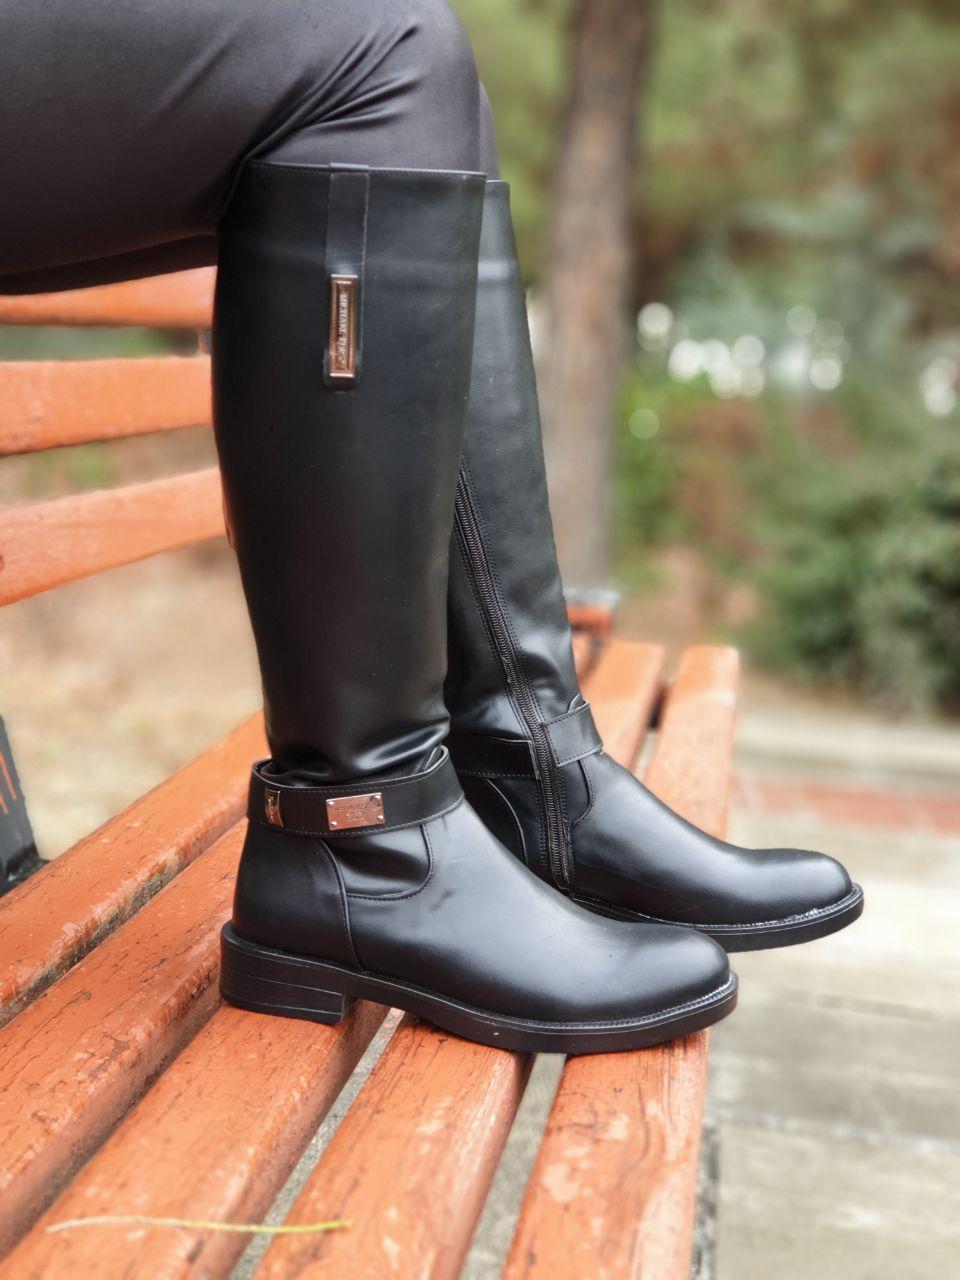 دل کفش، مدل کفش جدید، مدل کفش خارجی، مدل کفش های پاشنه بلند، مدل کفش های پاشنه بلند ایده، مدل کفش های پاشنه بلند با حال، مدل کفش های پاشنه بلند با مزه، مدل کفش های پاشنه بلند جالب، مدل کفش های پاشنه بلند زنانه، مدل کفش های پاشنه بلند زیبا، مدل کفش های پاشنه بلند شیک، مدل کفش های پاشنه بلند نومنه